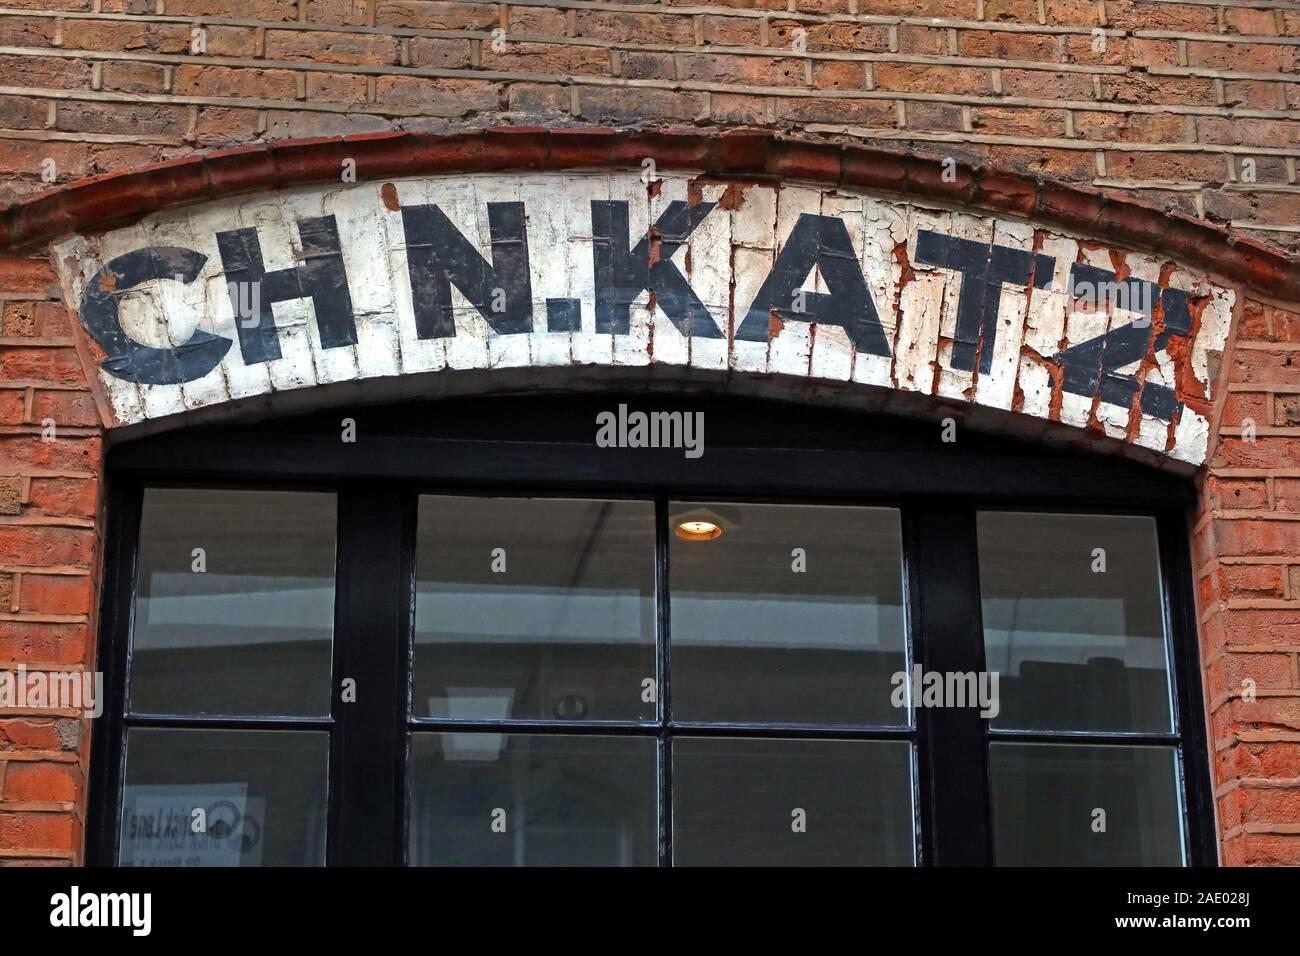 Dieses Stockfoto: CH N.KATZ, über dem Fenster, 92 Brick Lane, Shoreditch, East End, London, England, UK, E1, Twine und String Merchant - 2AE028